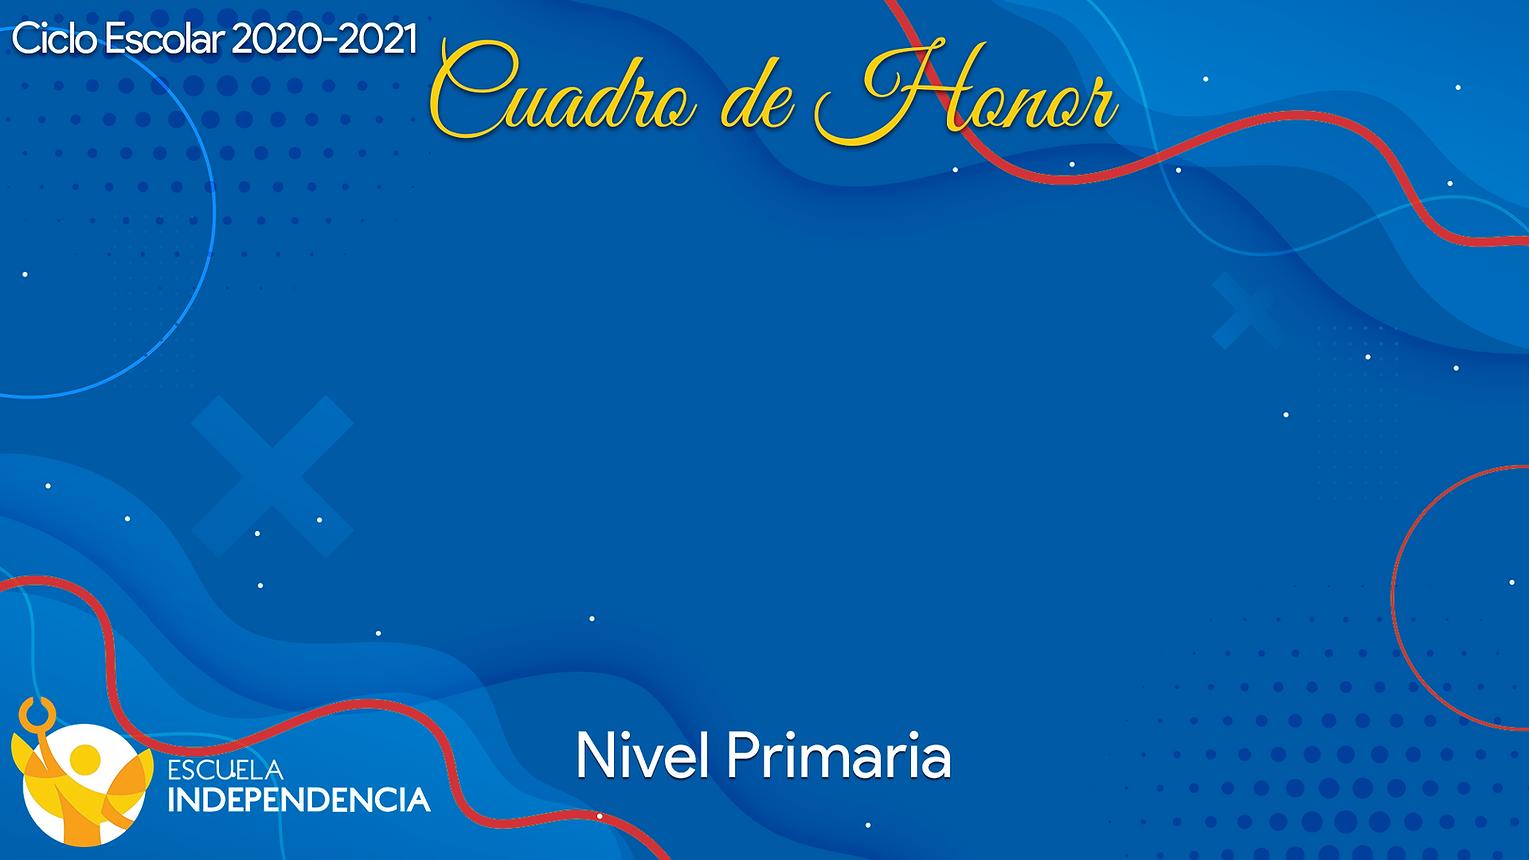 Fondo Nivel Primaria.png